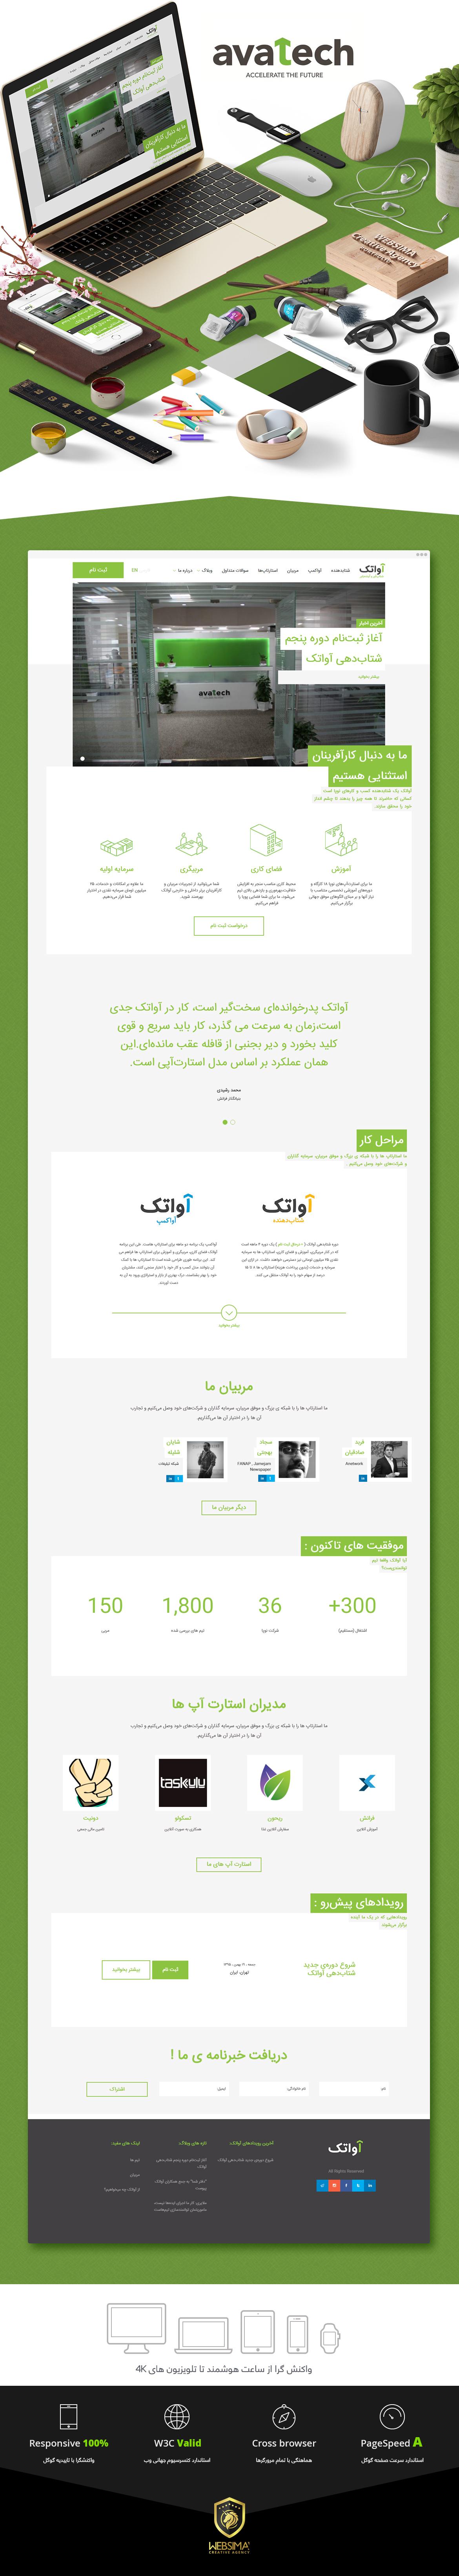 نمونه کار طراحی سایت شرکتی شتاب دهنده آواتک